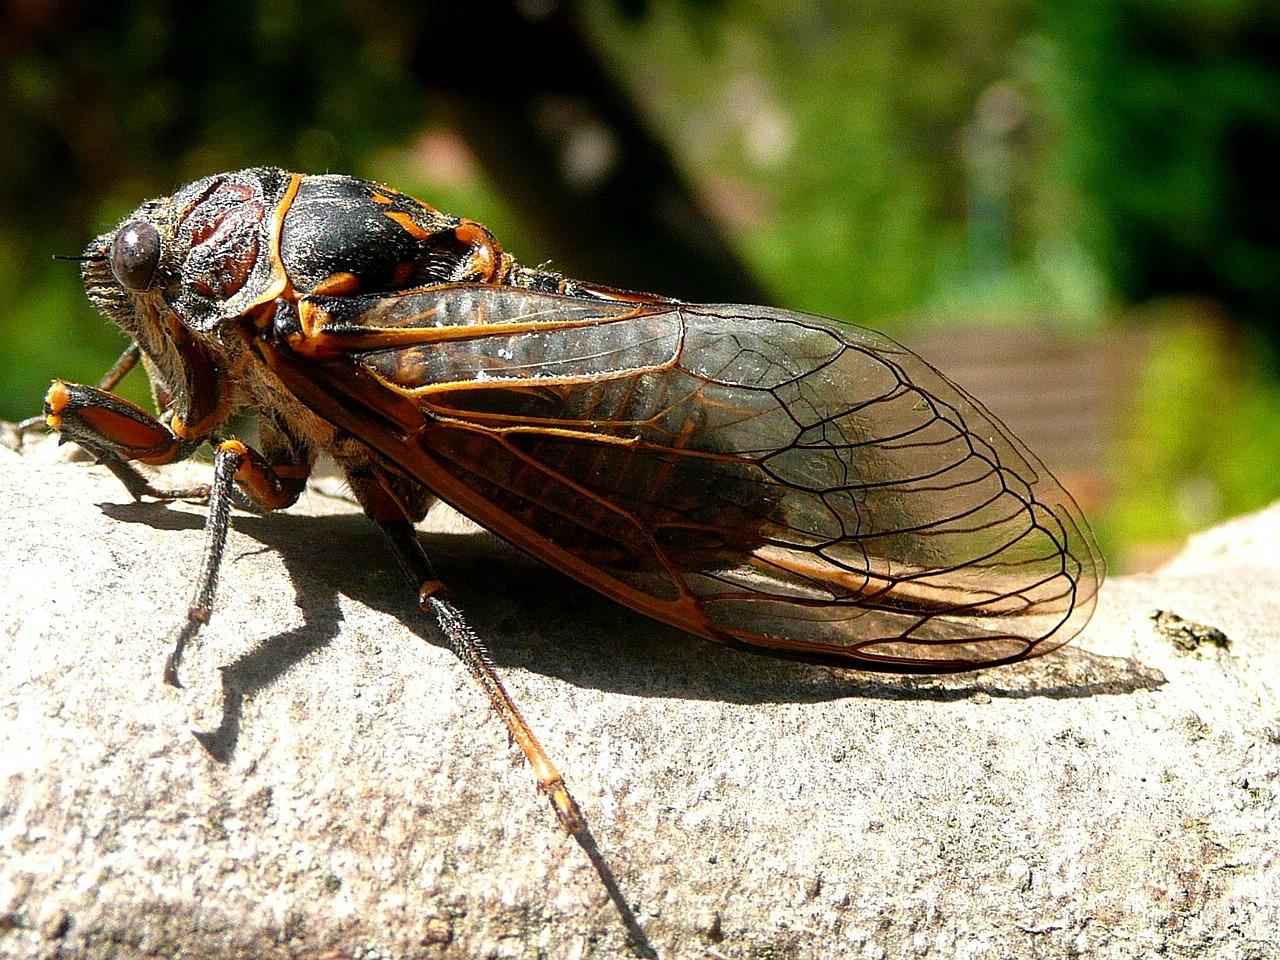 cicada-115913_1280.jpg